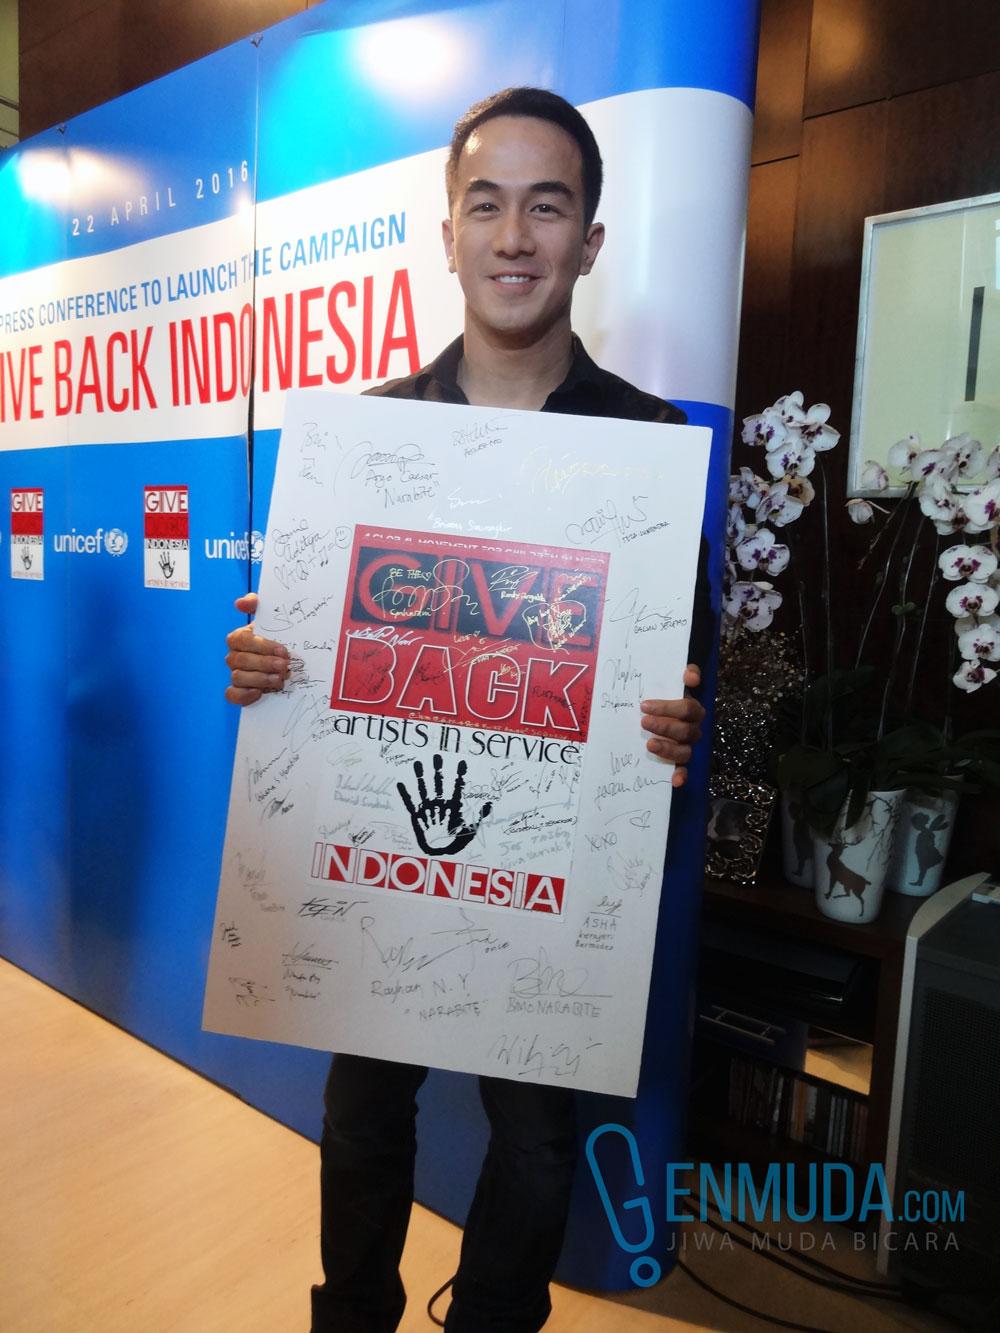 Joe Taslim saat ditemui di acara peluncuran kampanye 'Give Back Indonesia' di kediaman Madam Noor Traavik di kawasan Sudirman, Jakarta, Jumat (22/4) (Foto: Genmuda.com/2016 Gabby)